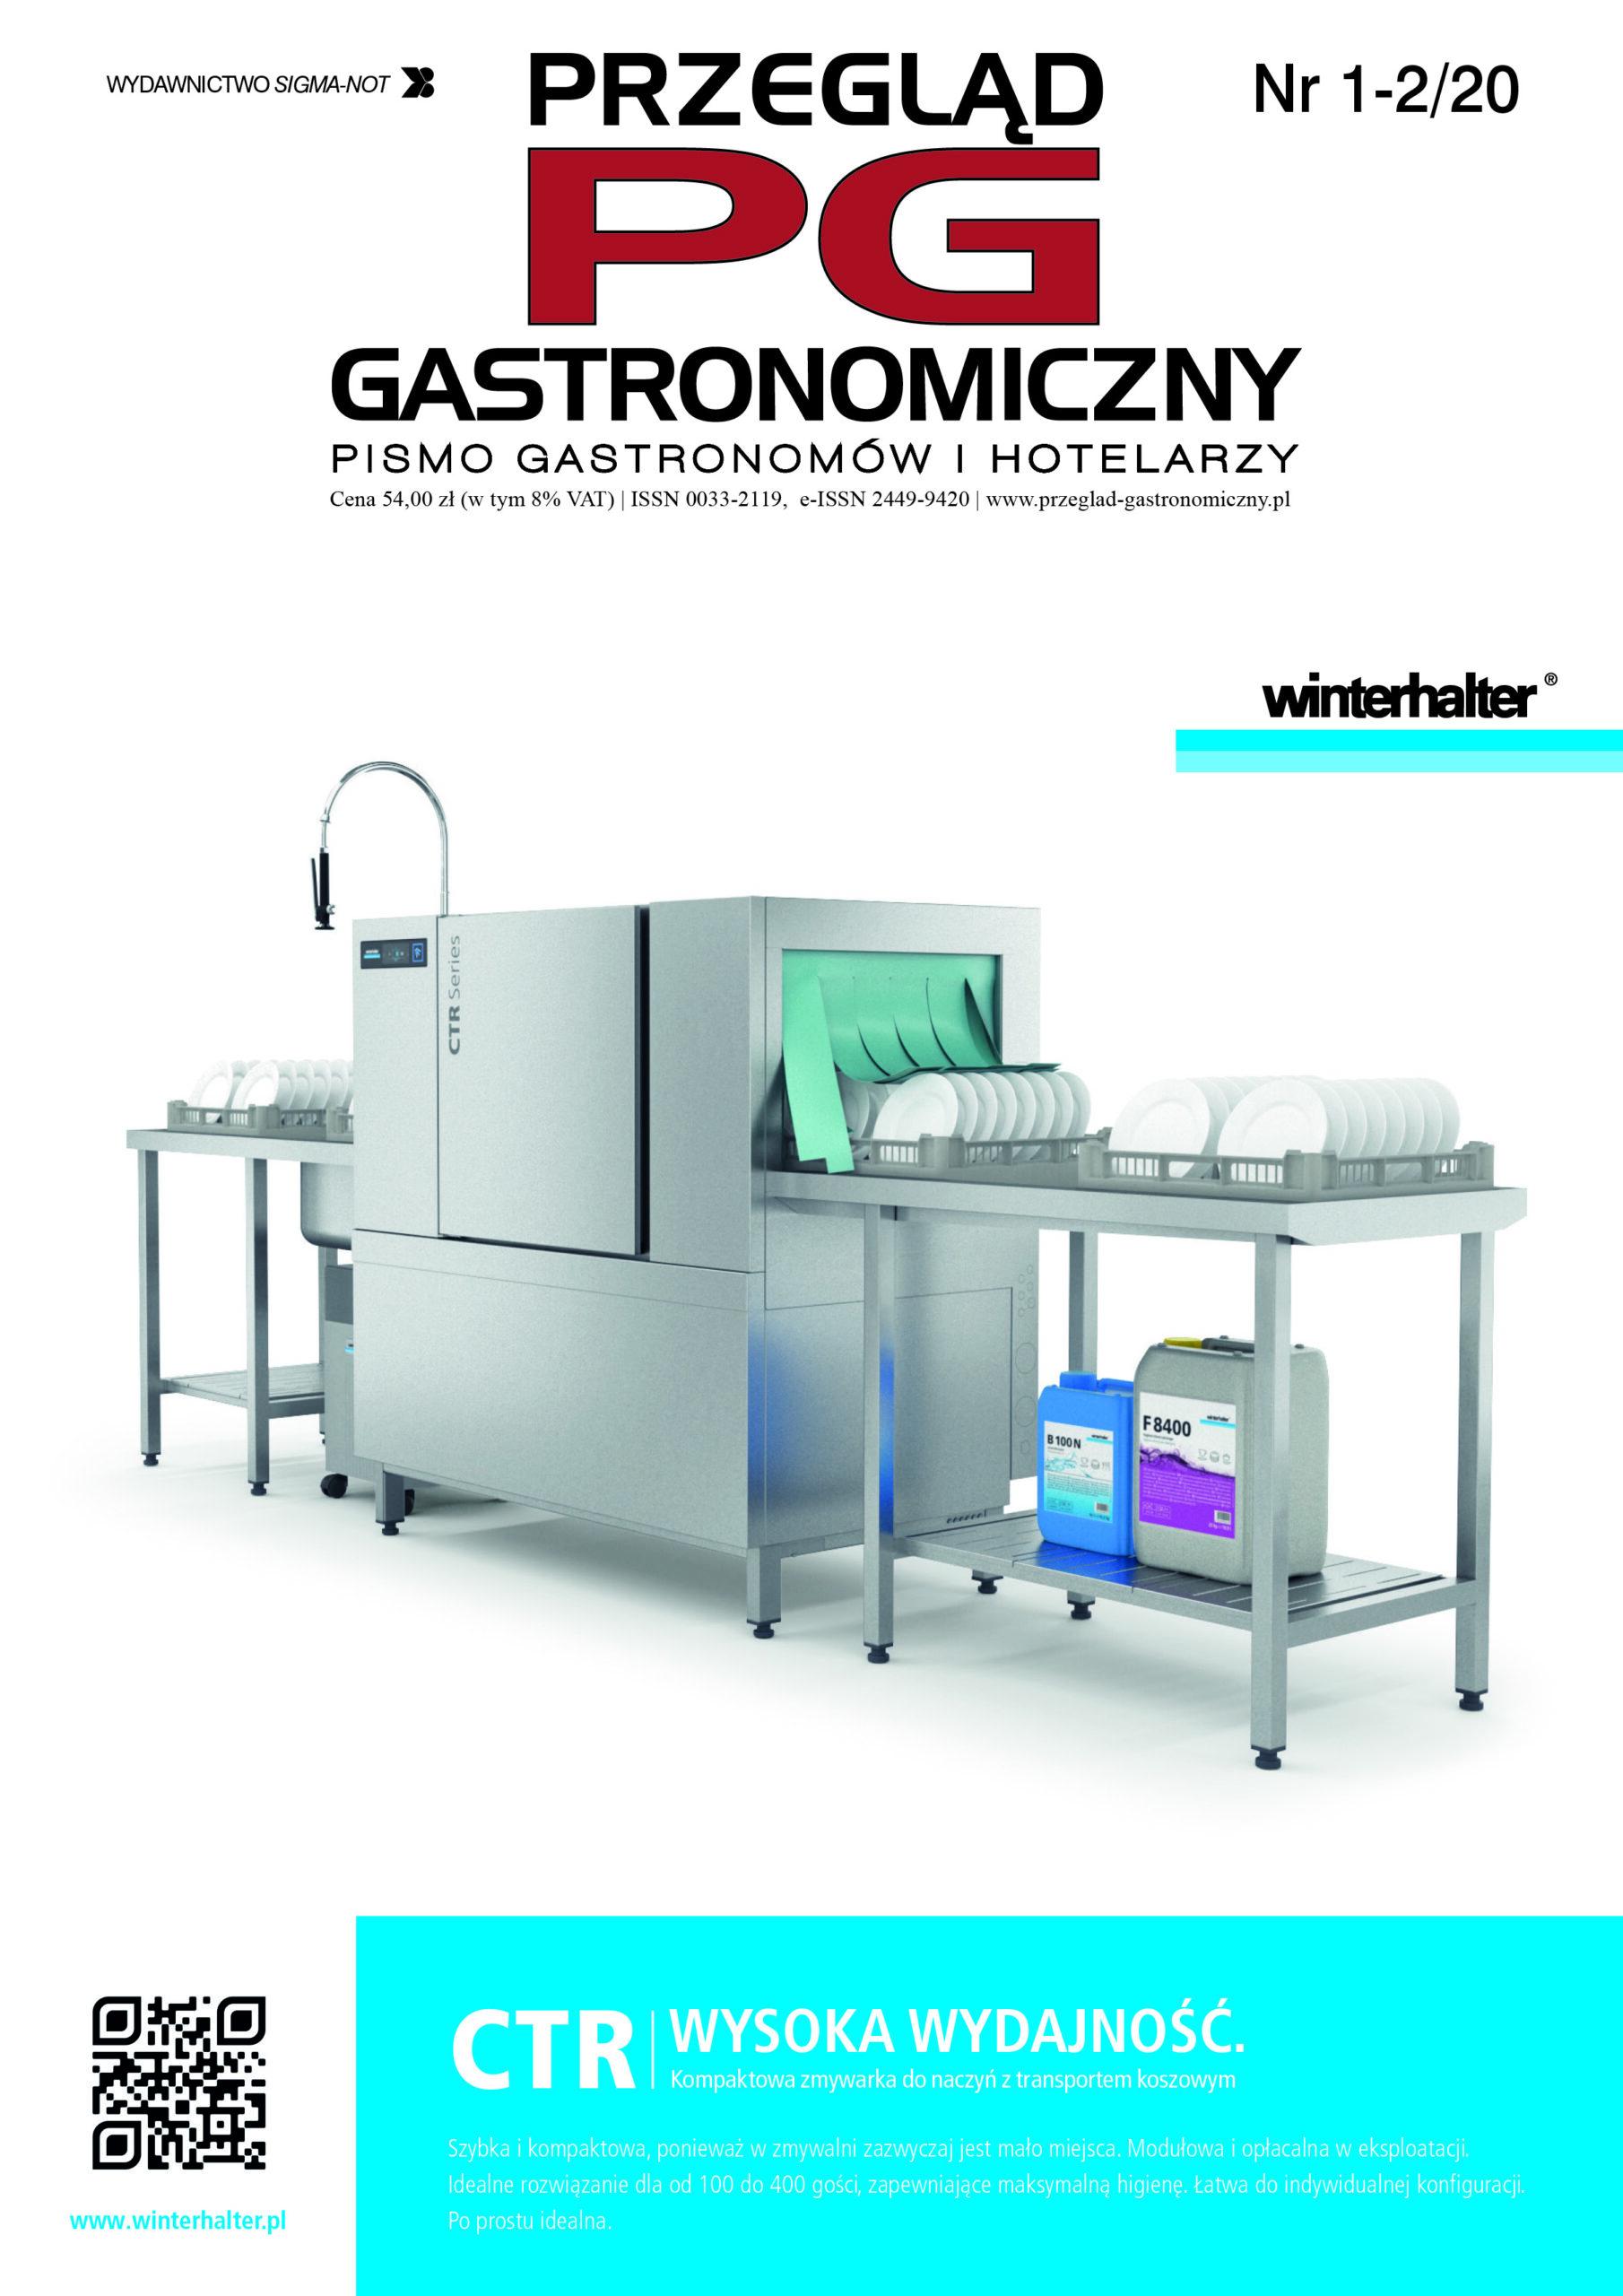 Przegląd Gastronomiczny 01-02.2020